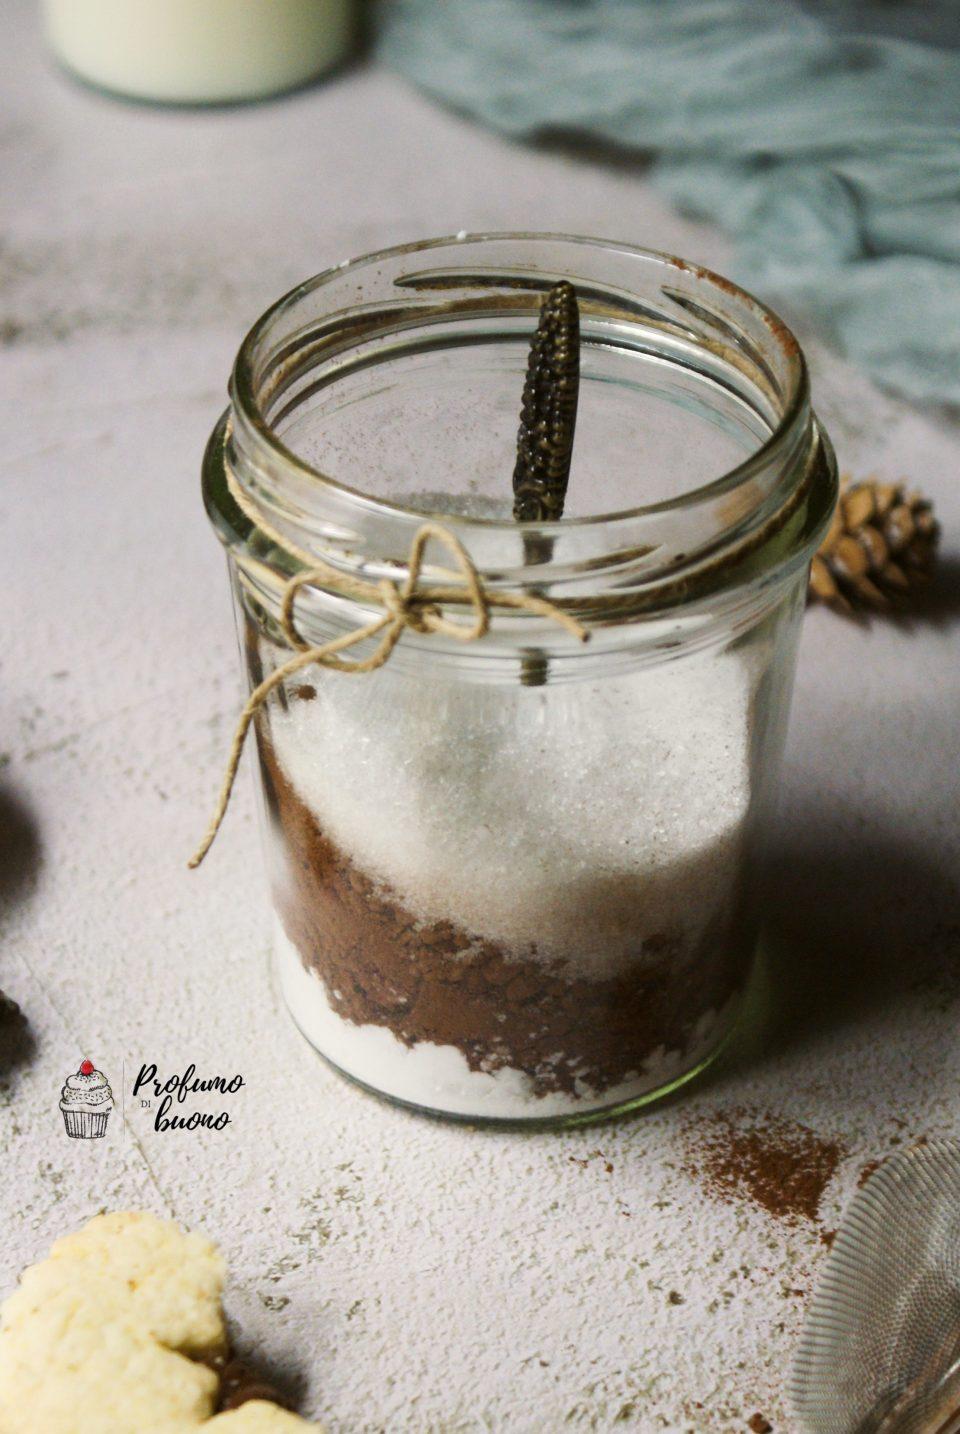 Cioccolata calda senza glutine in barattolo